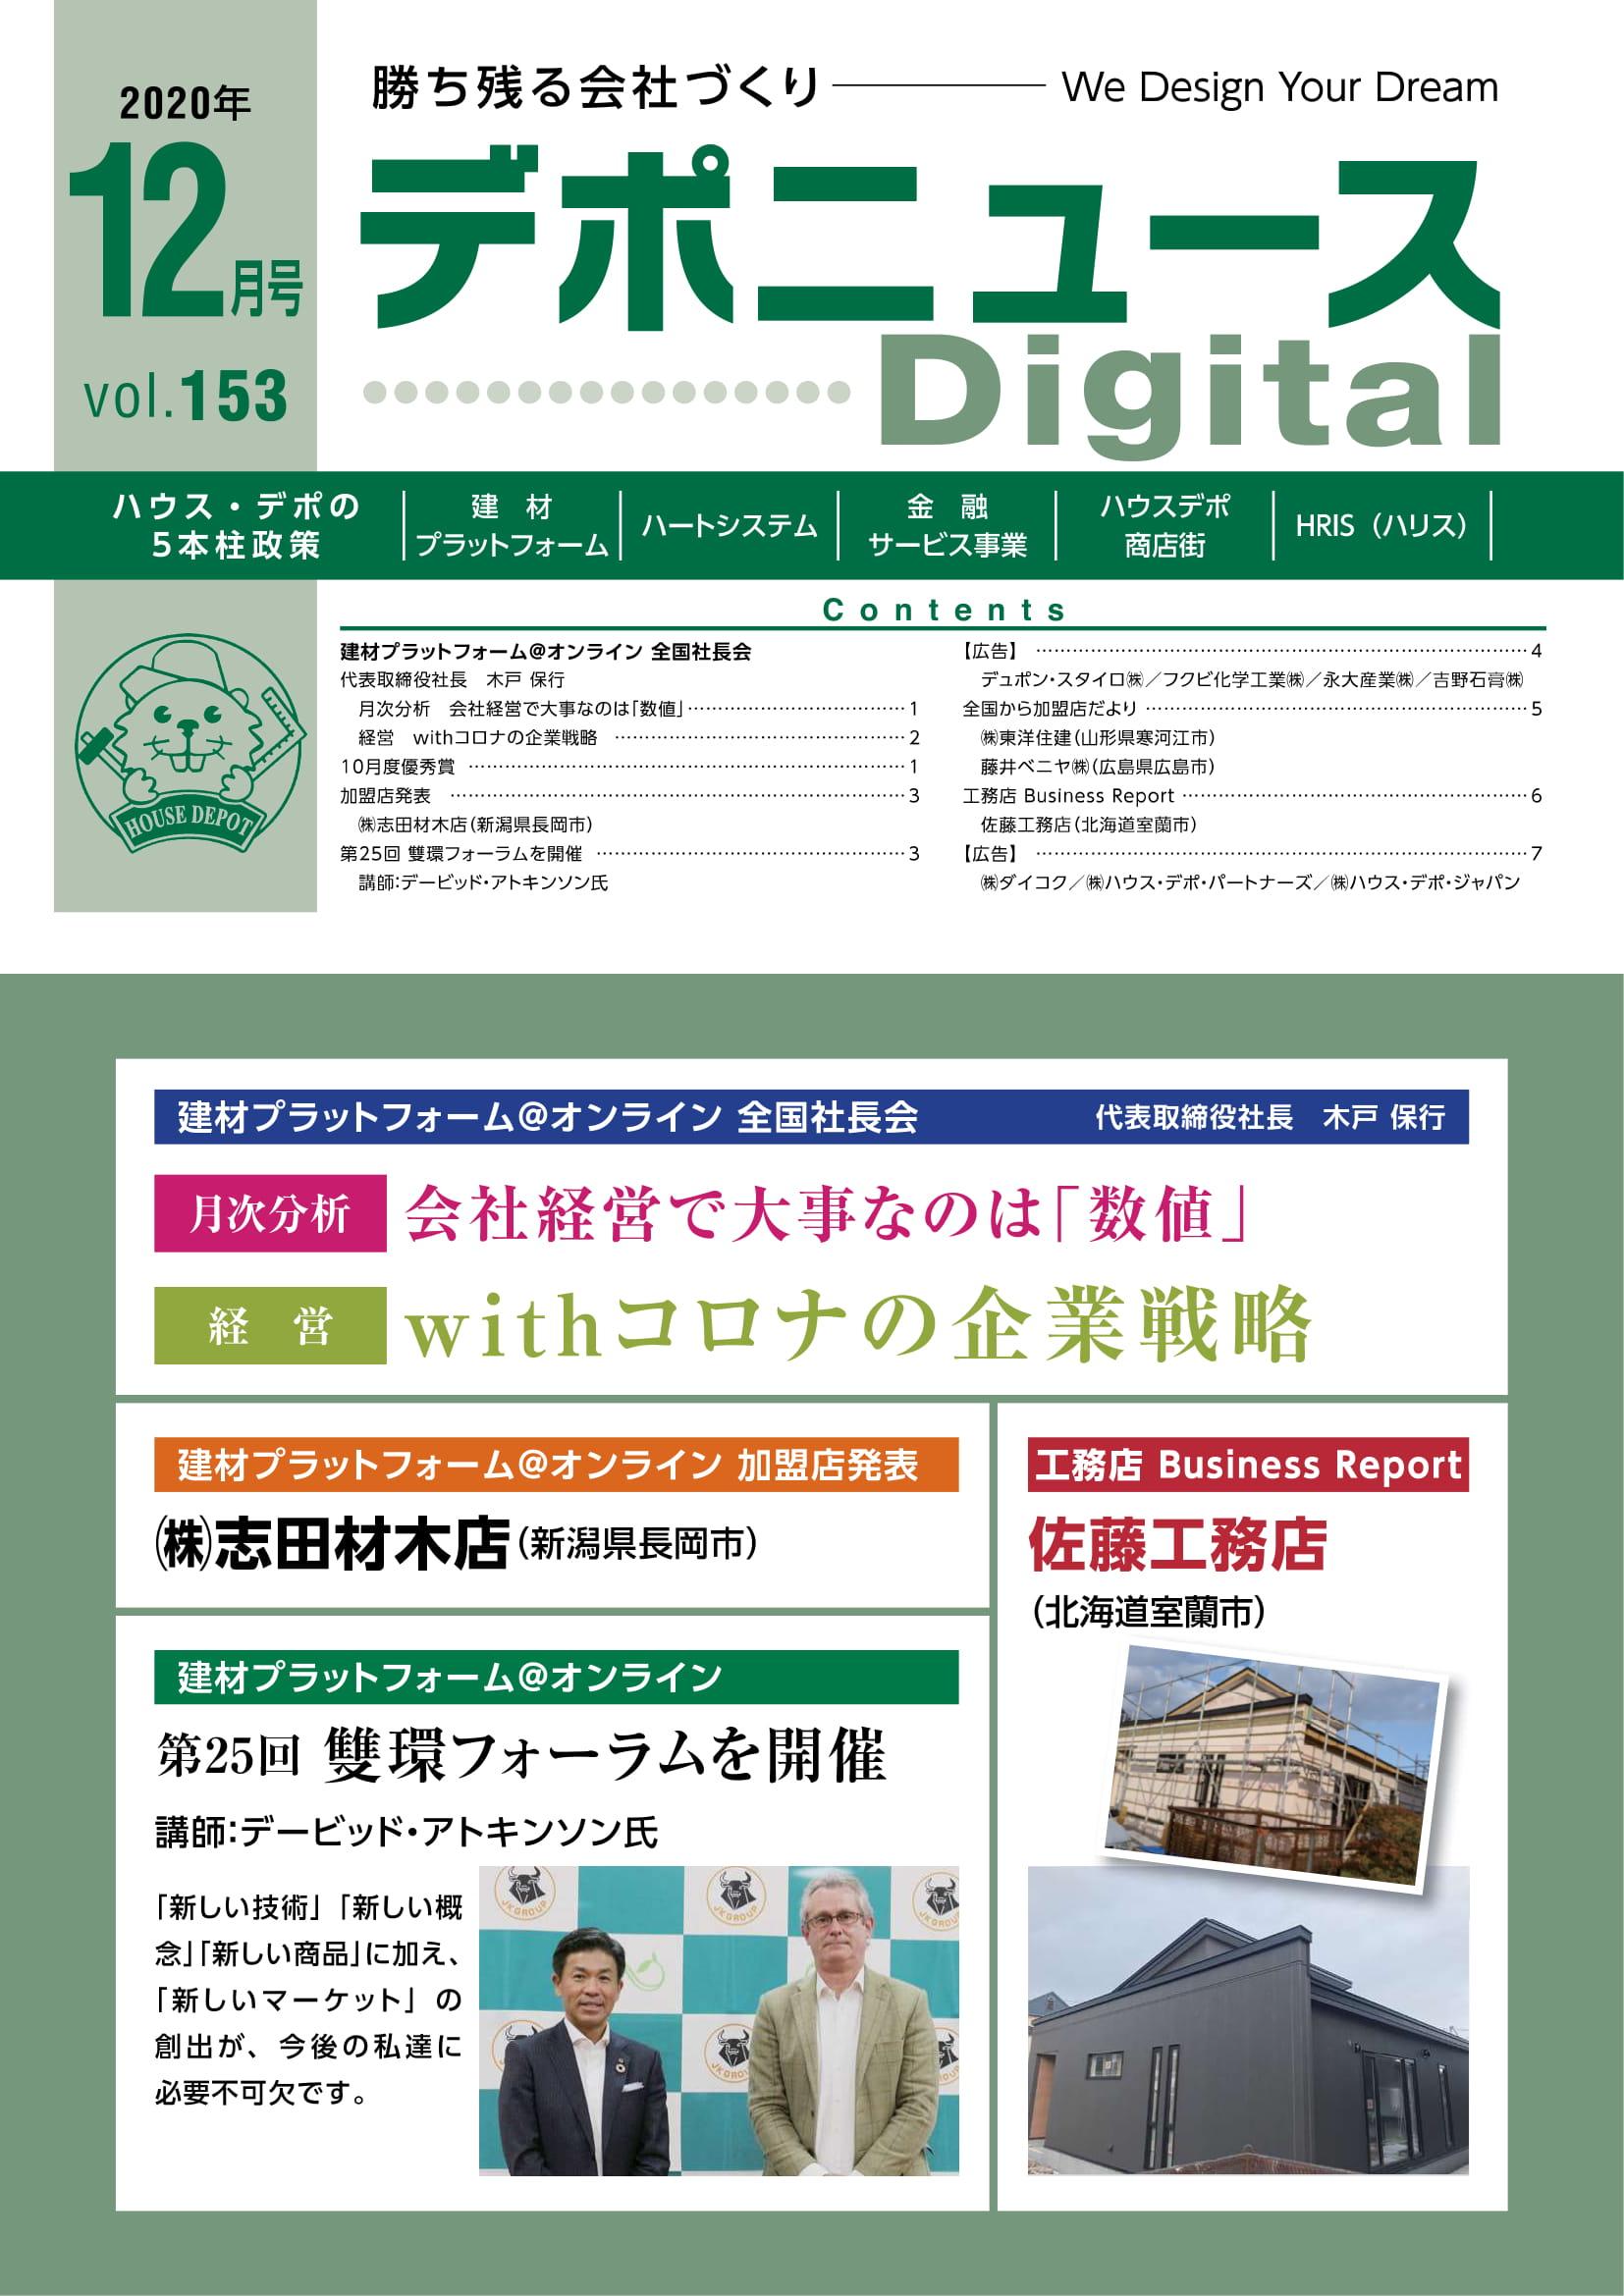 デポニュースDIGITAL Vol.153